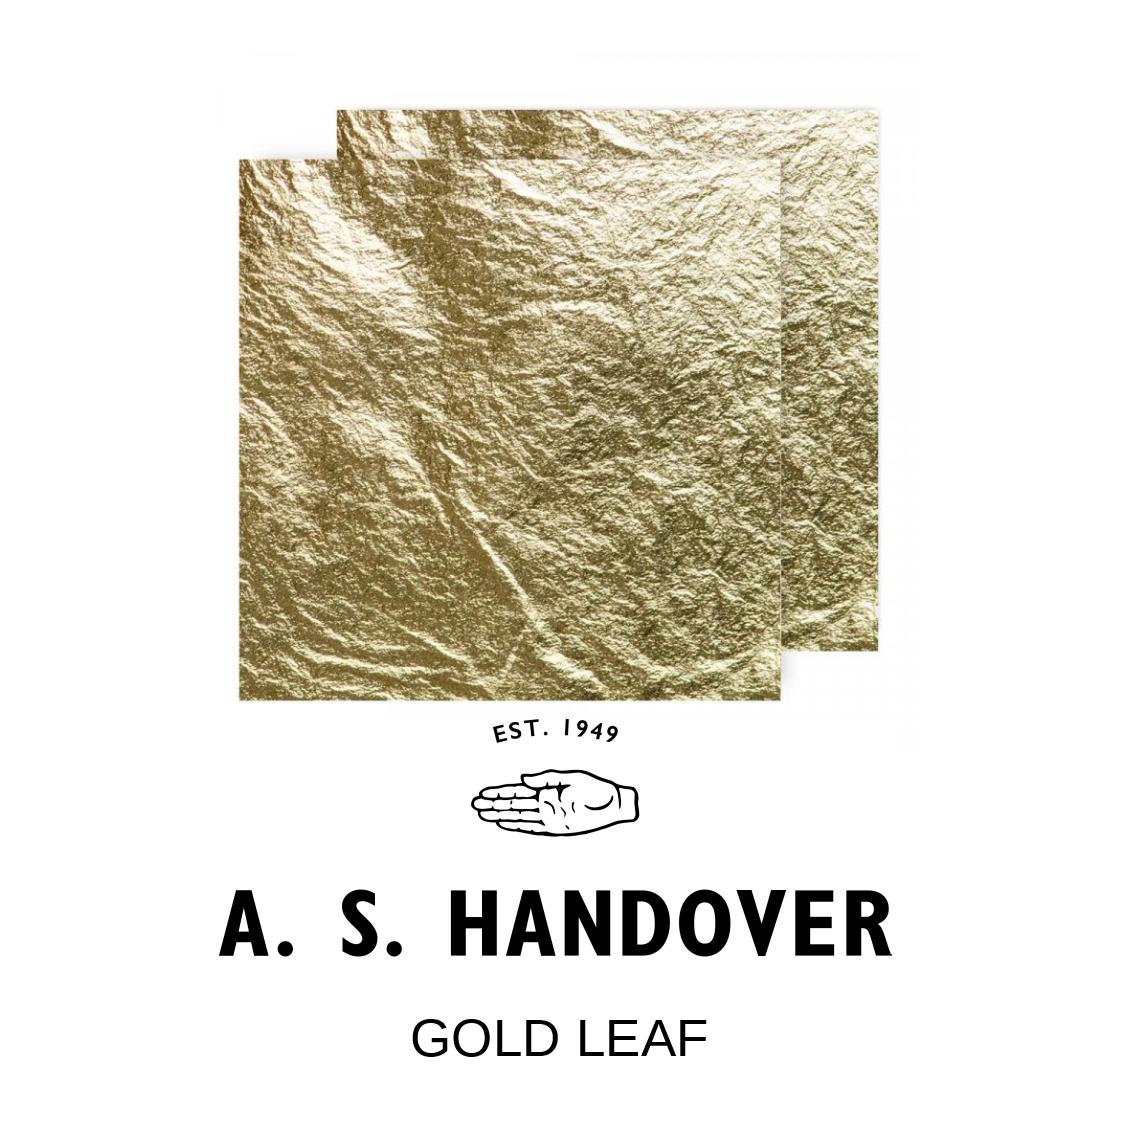 Handover Gold Leaf Range